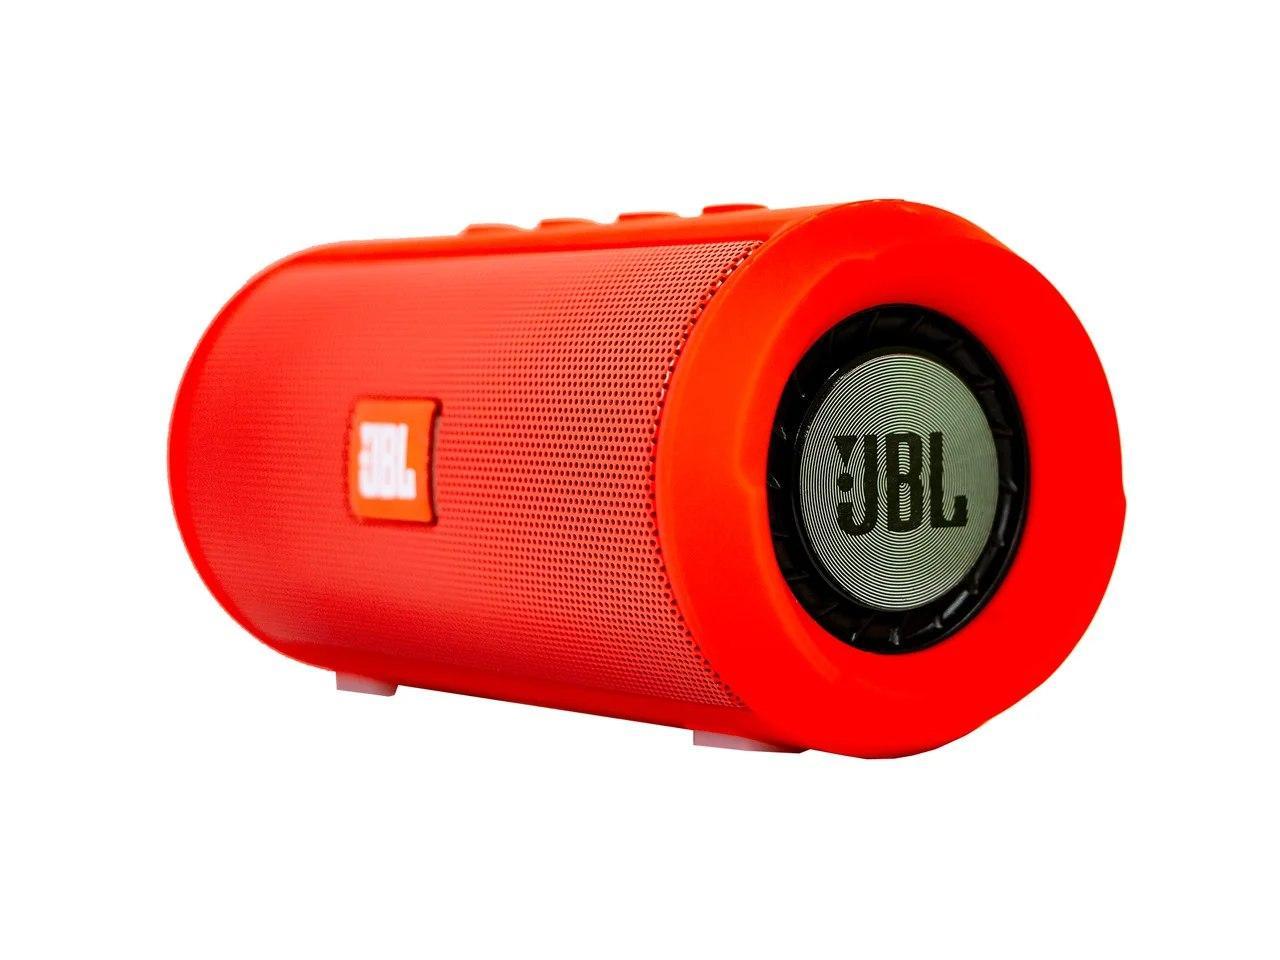 Беспроводная портативная Bluetooth колонка JBL Charge 2+ с защитой от влаги и пыли red